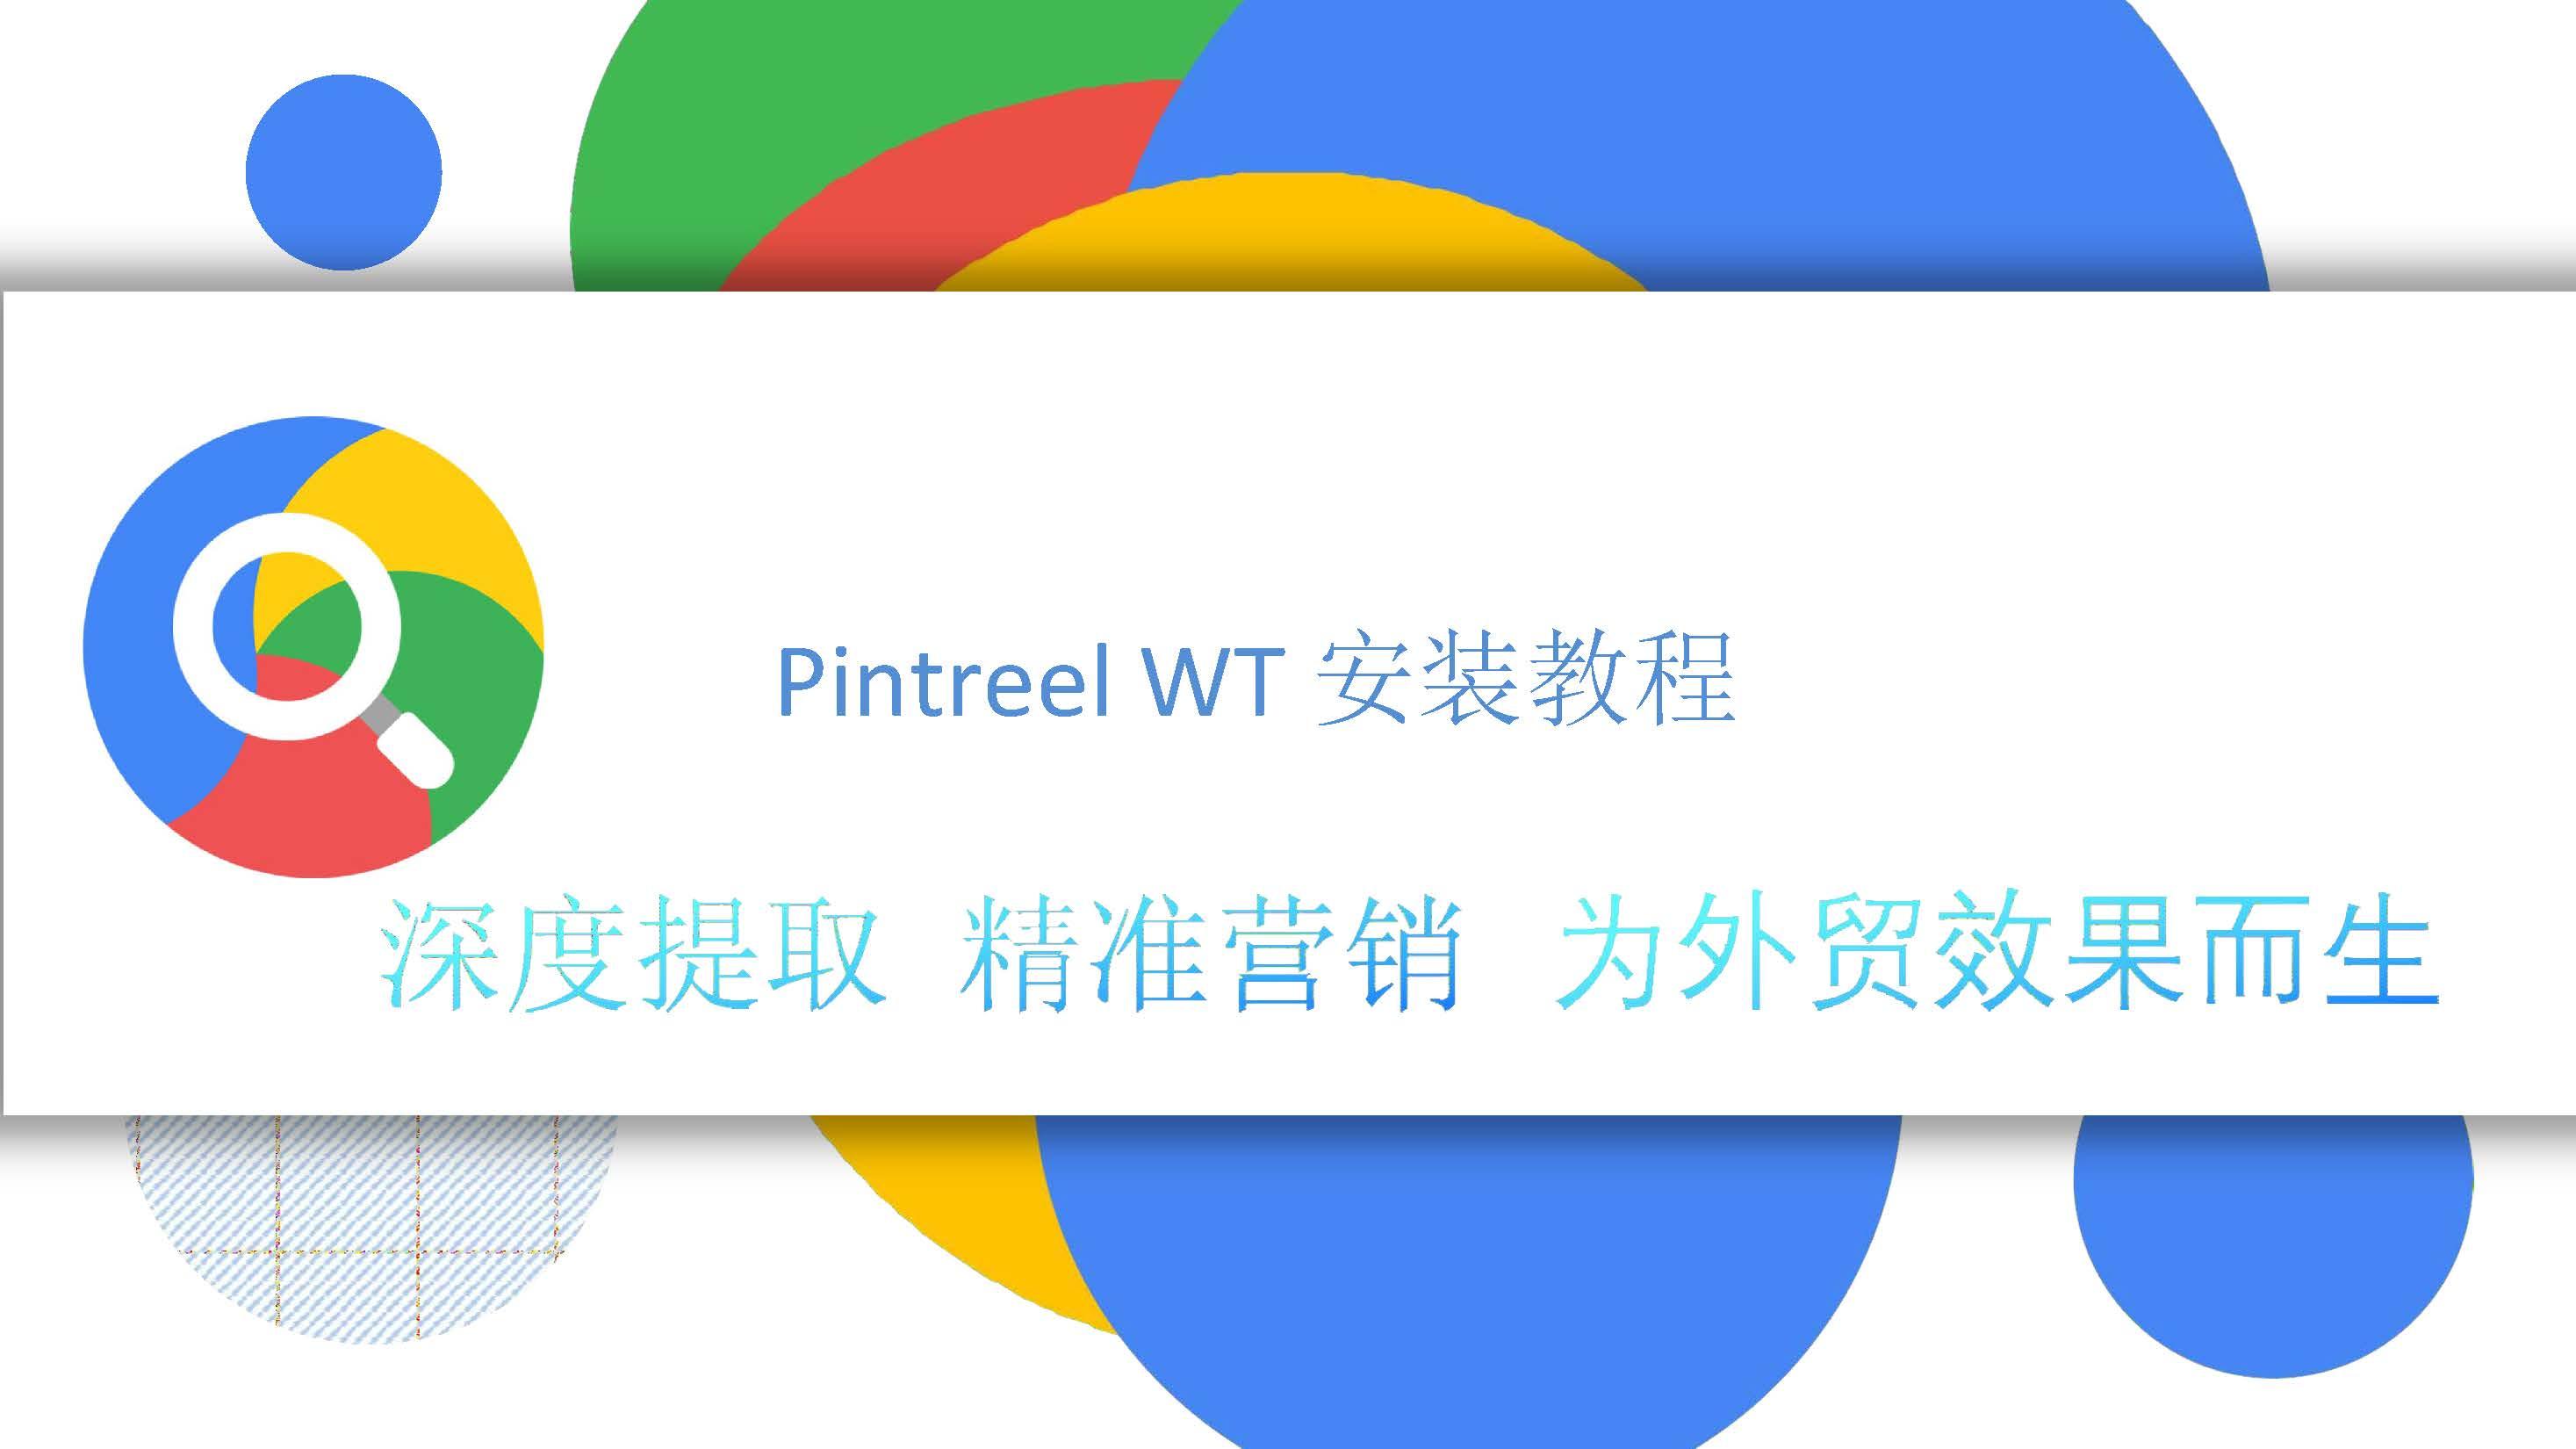 pintreel WT安装教程_页面_1